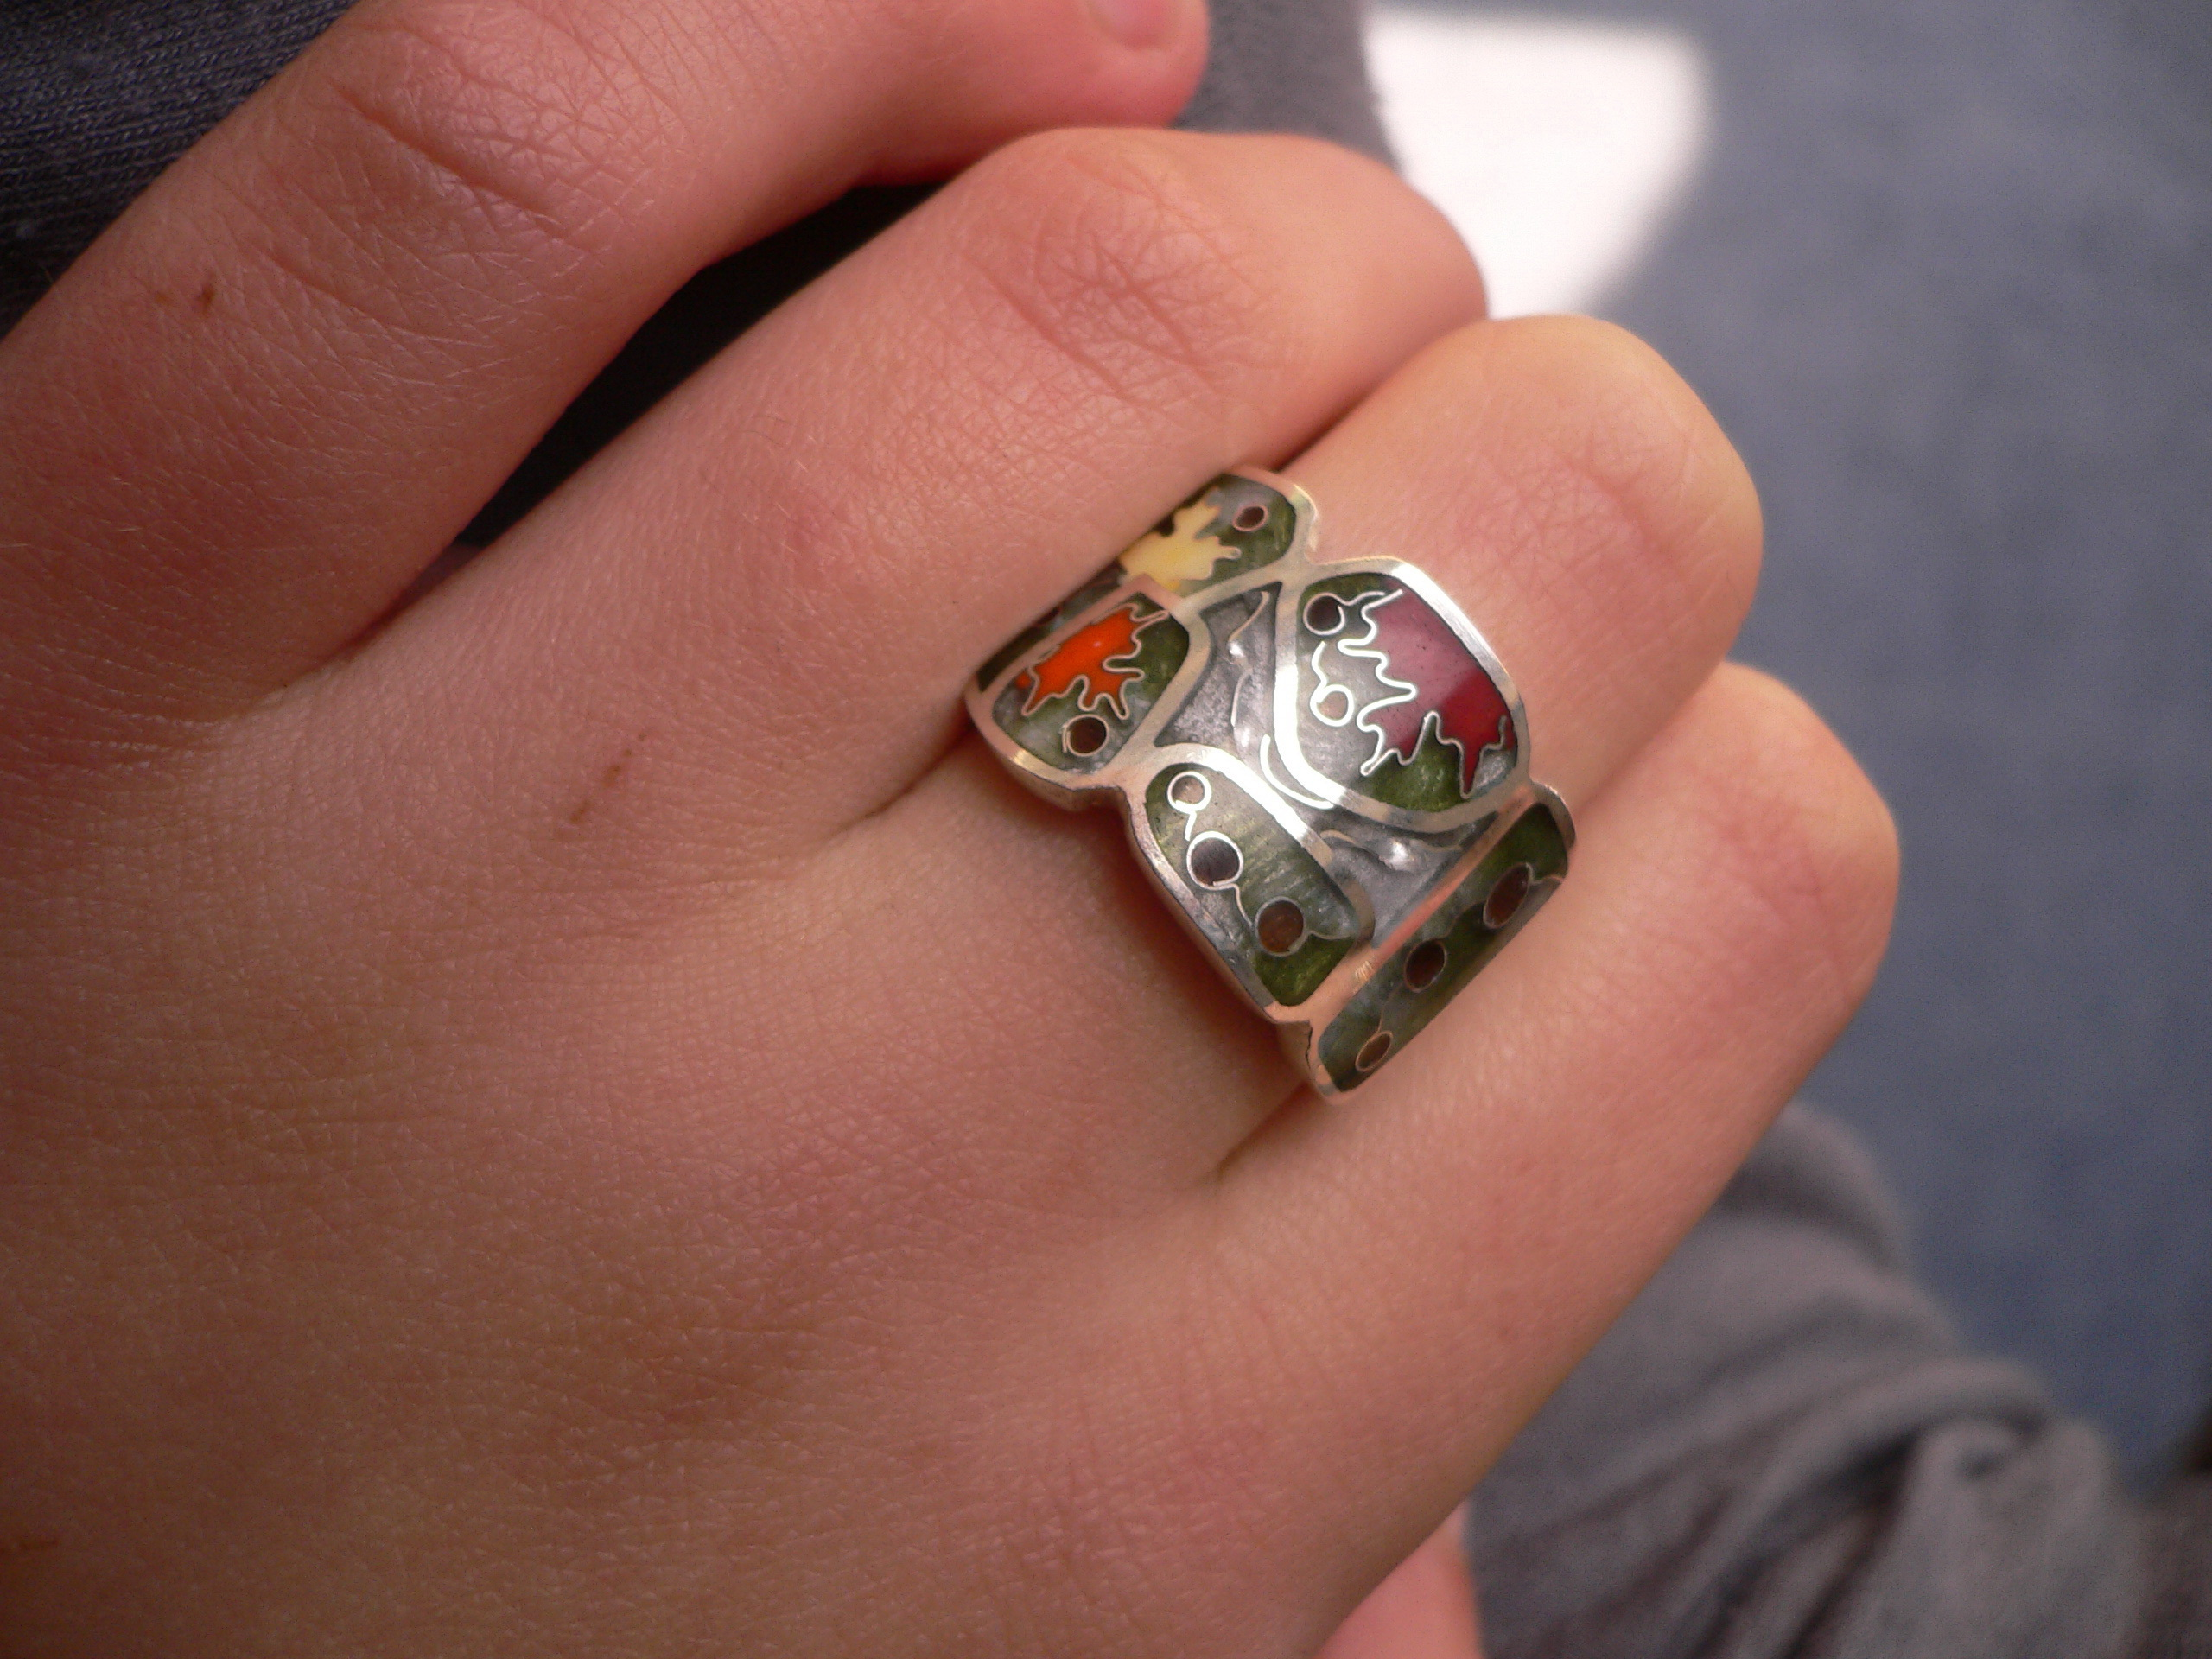 JPORTAL: Изделия сделаны из серебра вышей пробы с использованием ювелирной эмали